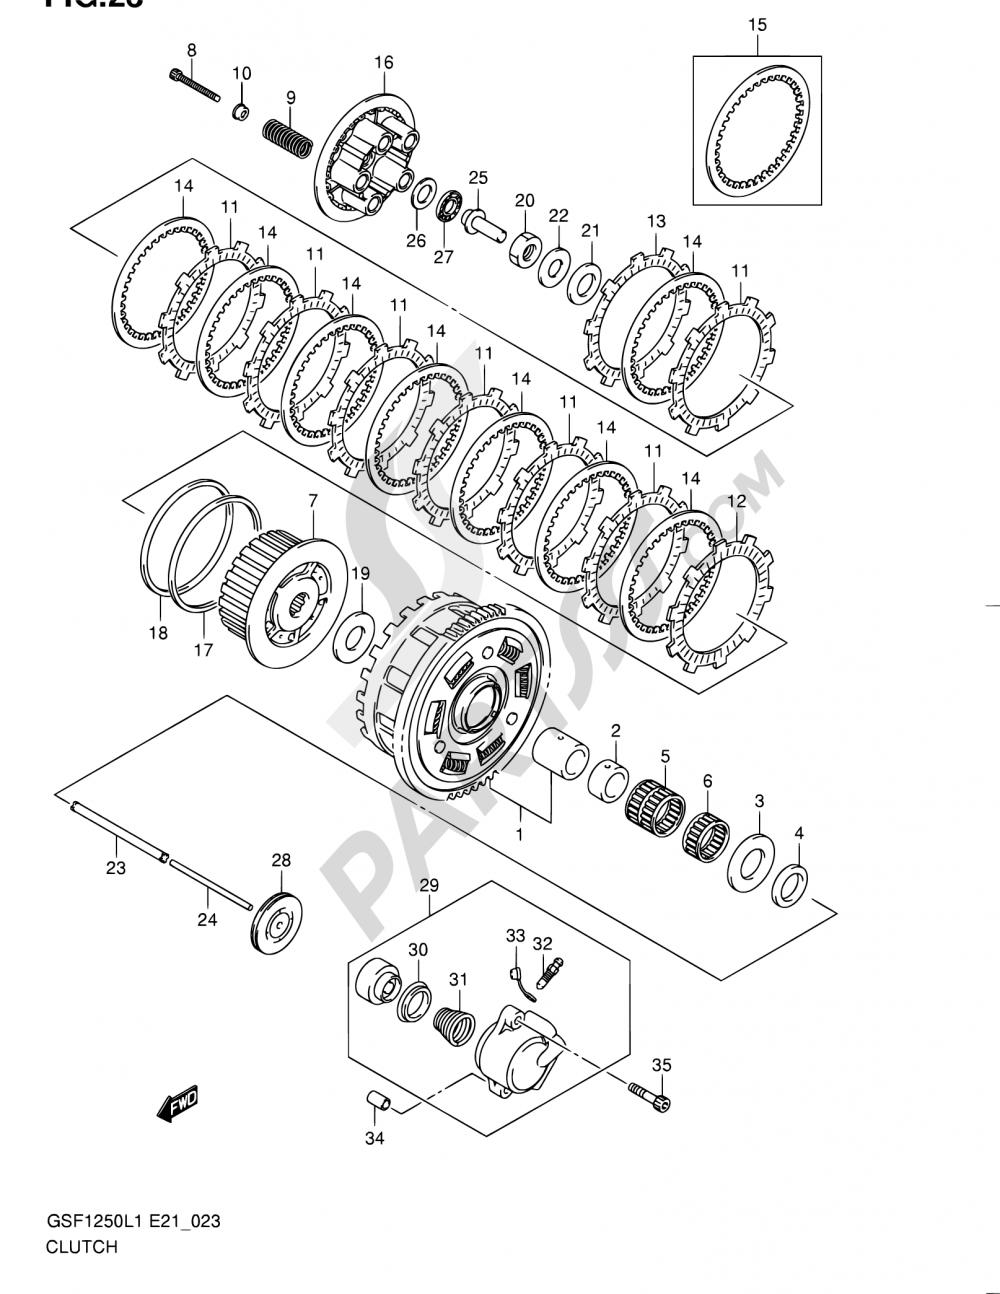 23 - CLUTCH Suzuki BANDIT GSF1250 2011